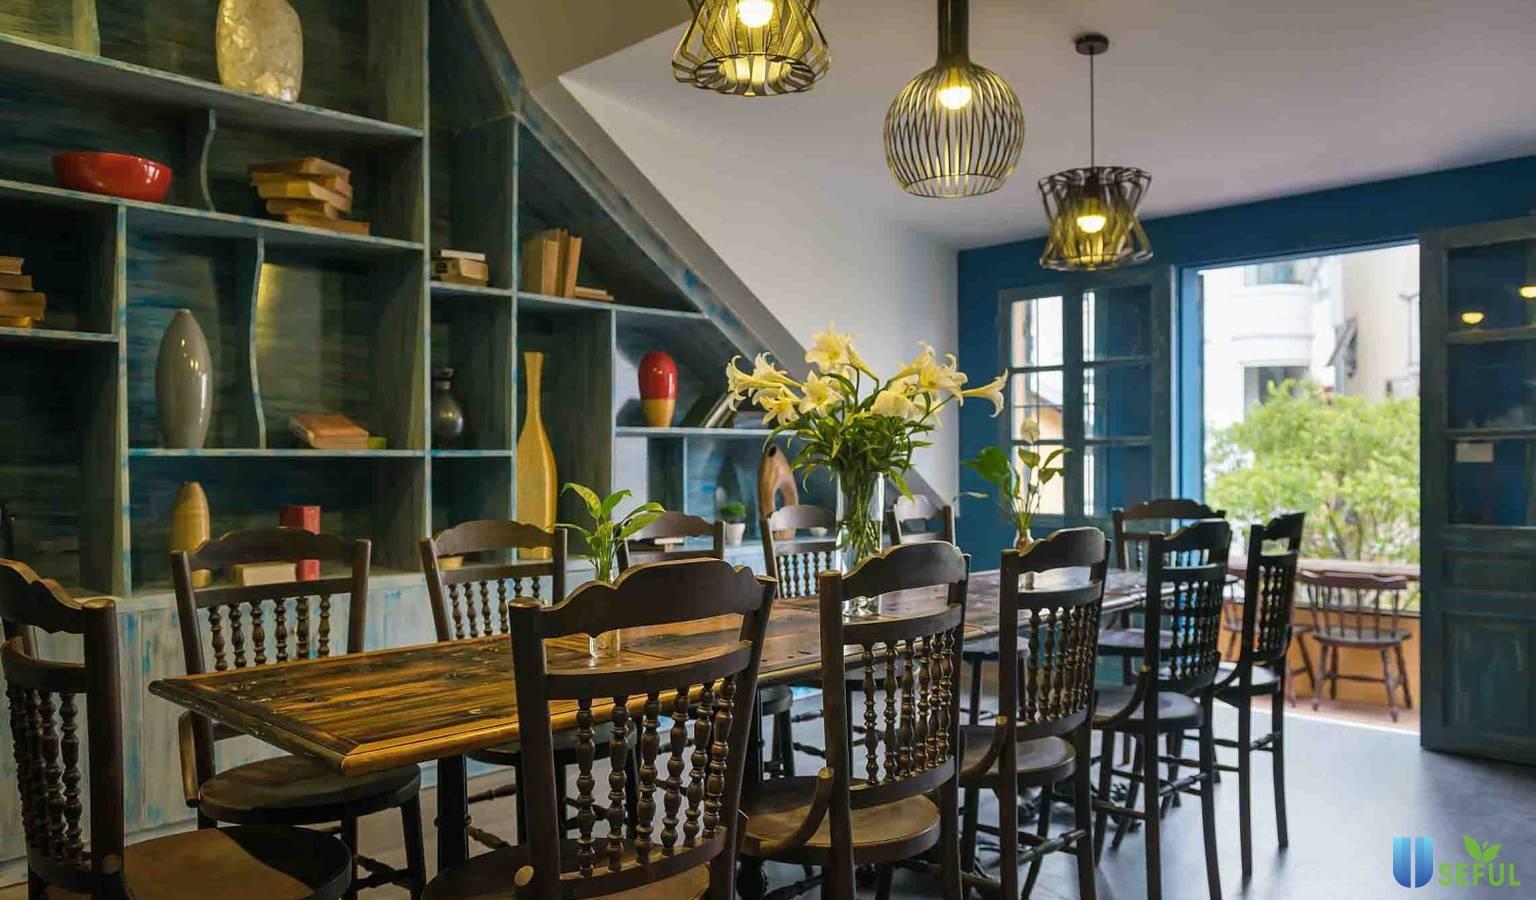 11 địa điểm ăn uống gần lăng Bác ngon nổi tiếng món phong phú - Useful.vn